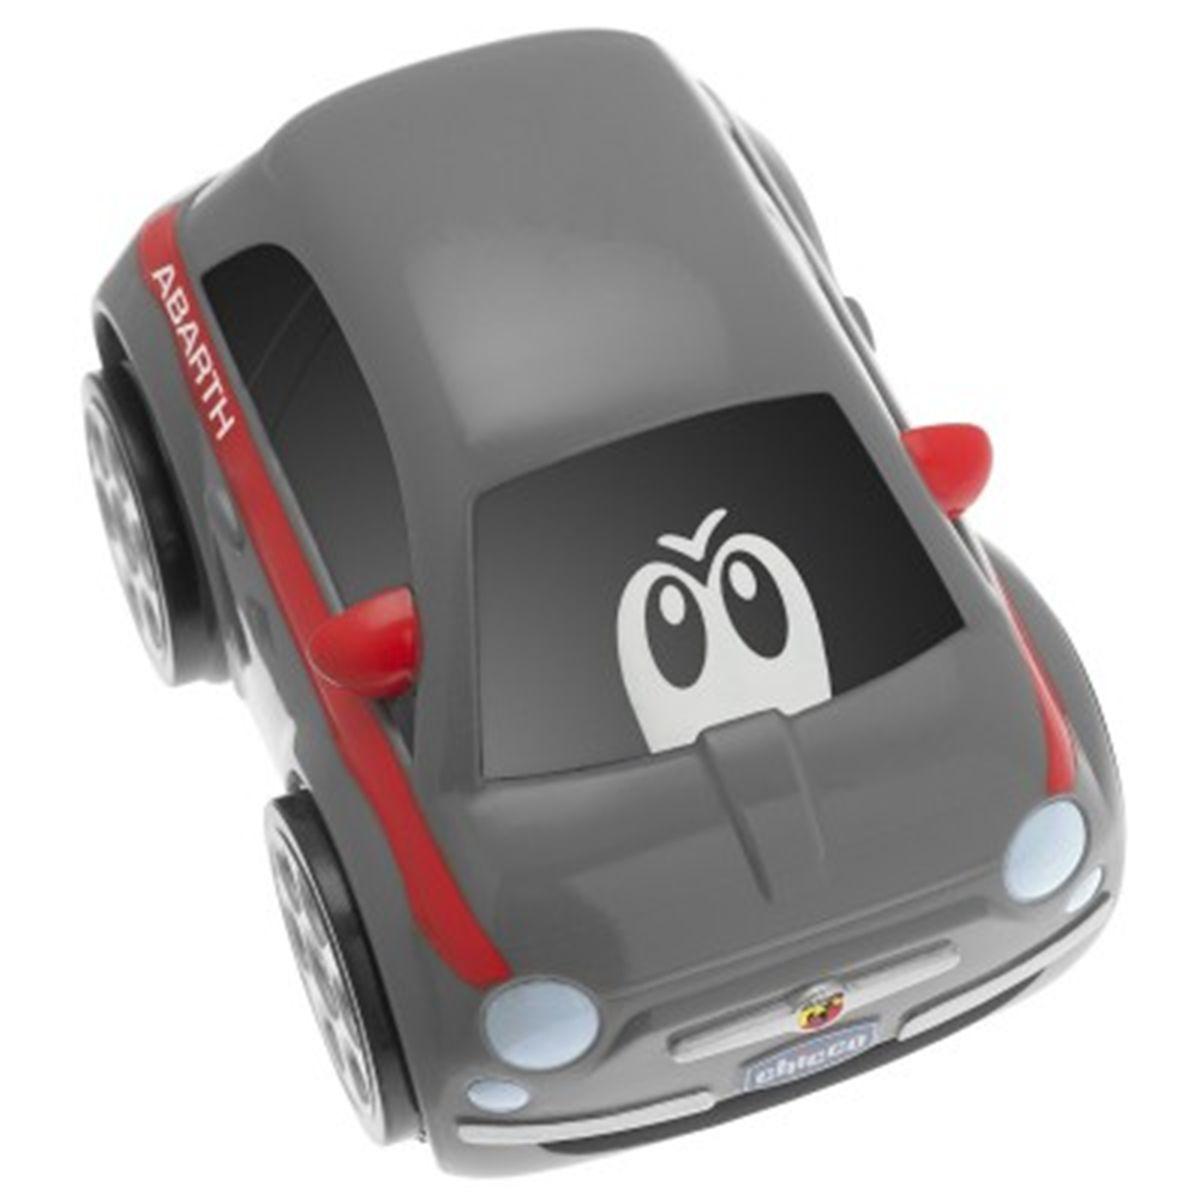 500 Turbo Petites Voitures Touch Grande Fiat La Abarth Récré KFJ1cTl